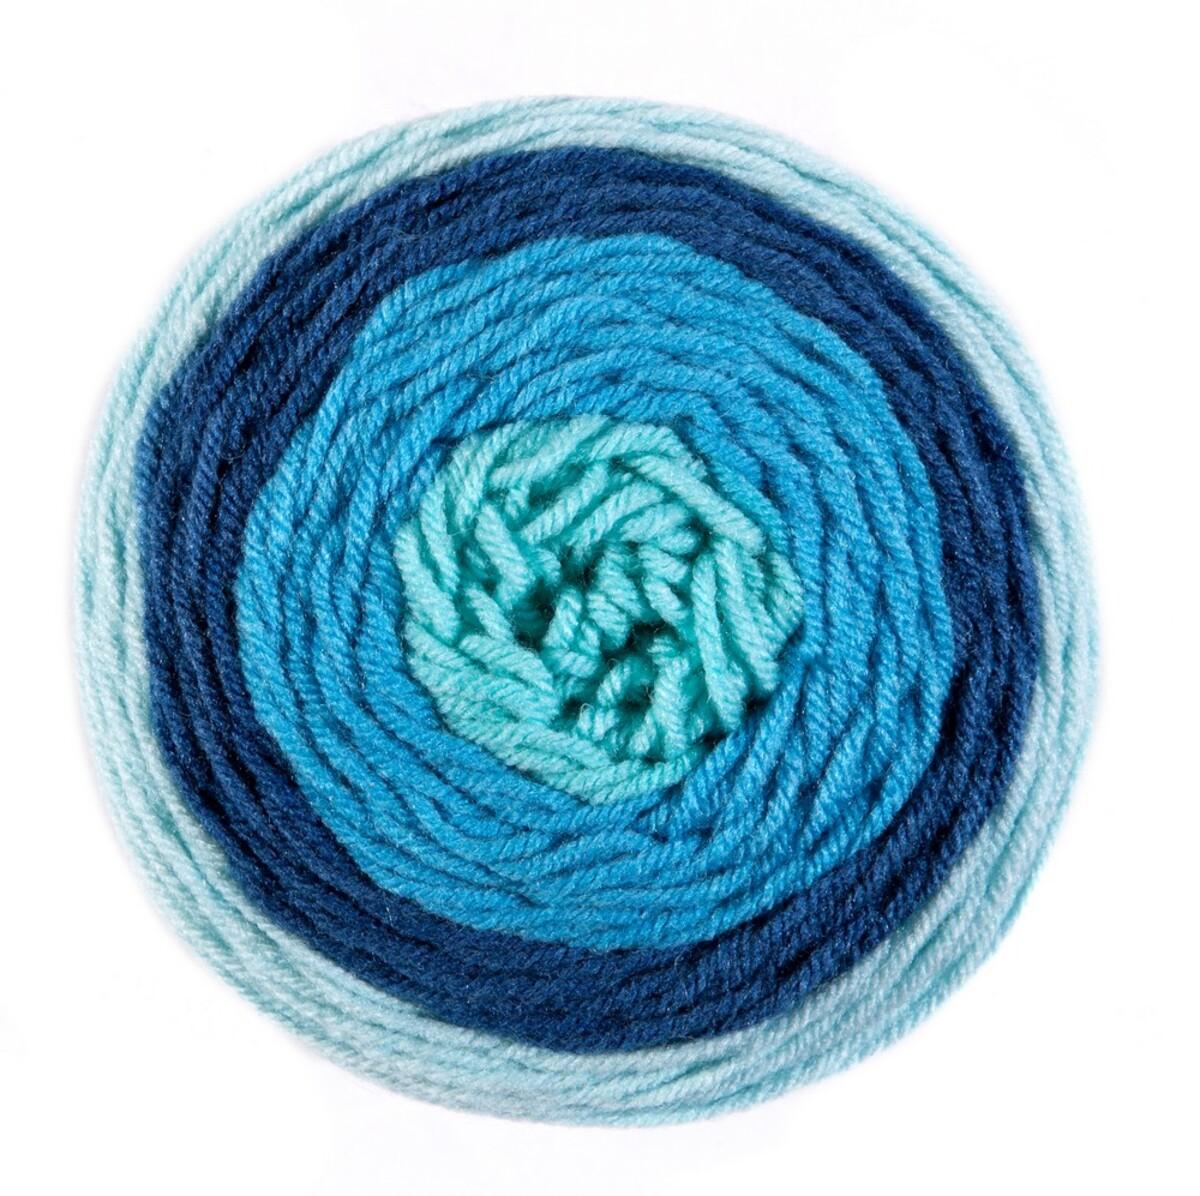 """Bild 1 von Ellenor Effektgarn """"Swirl Creation"""" - Mint/Türkis/Petrol"""